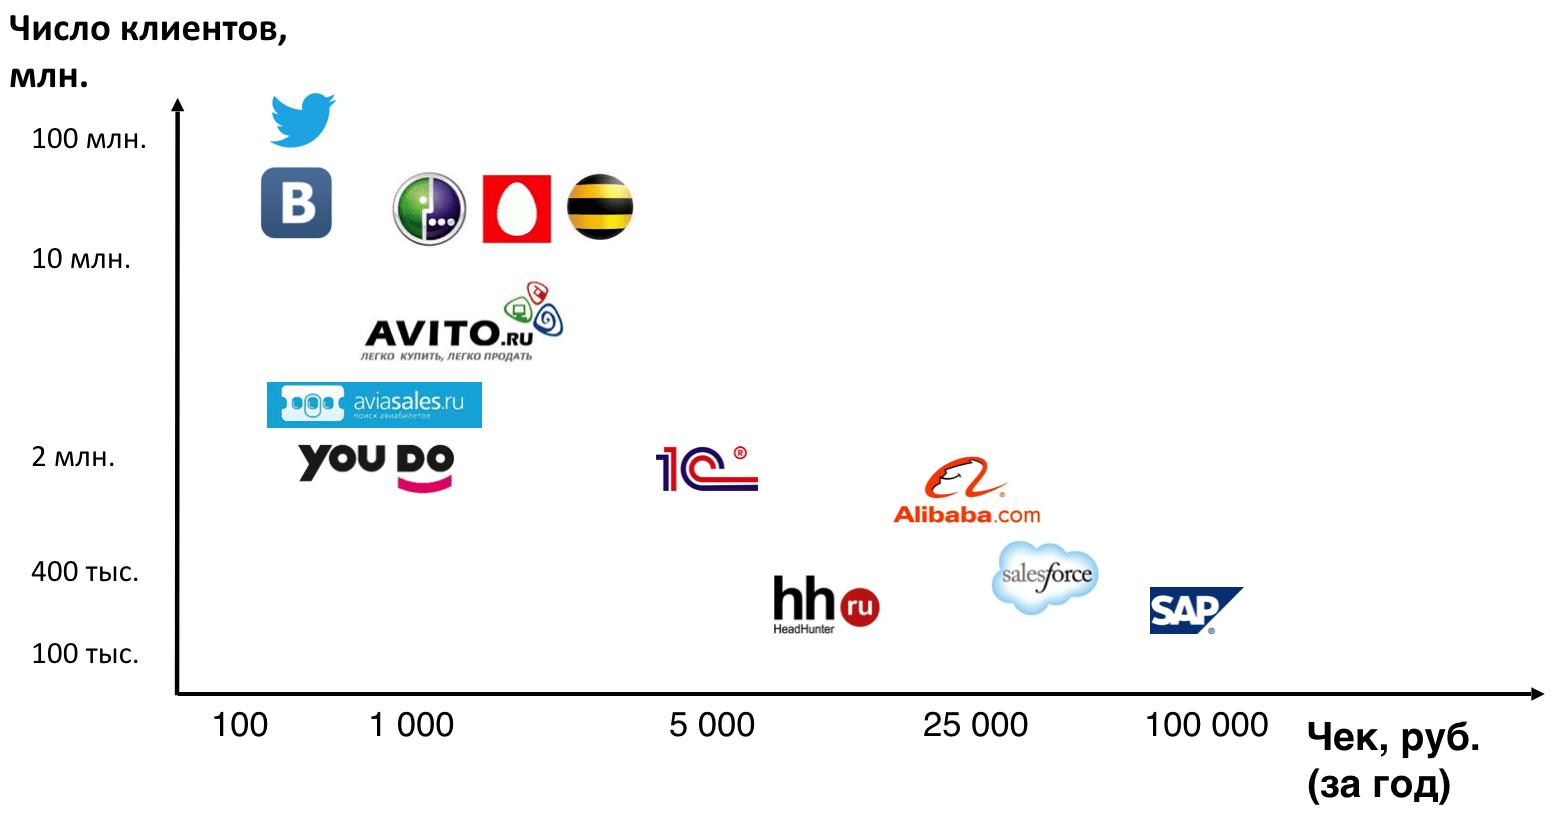 Число клиентов у разных сайтов